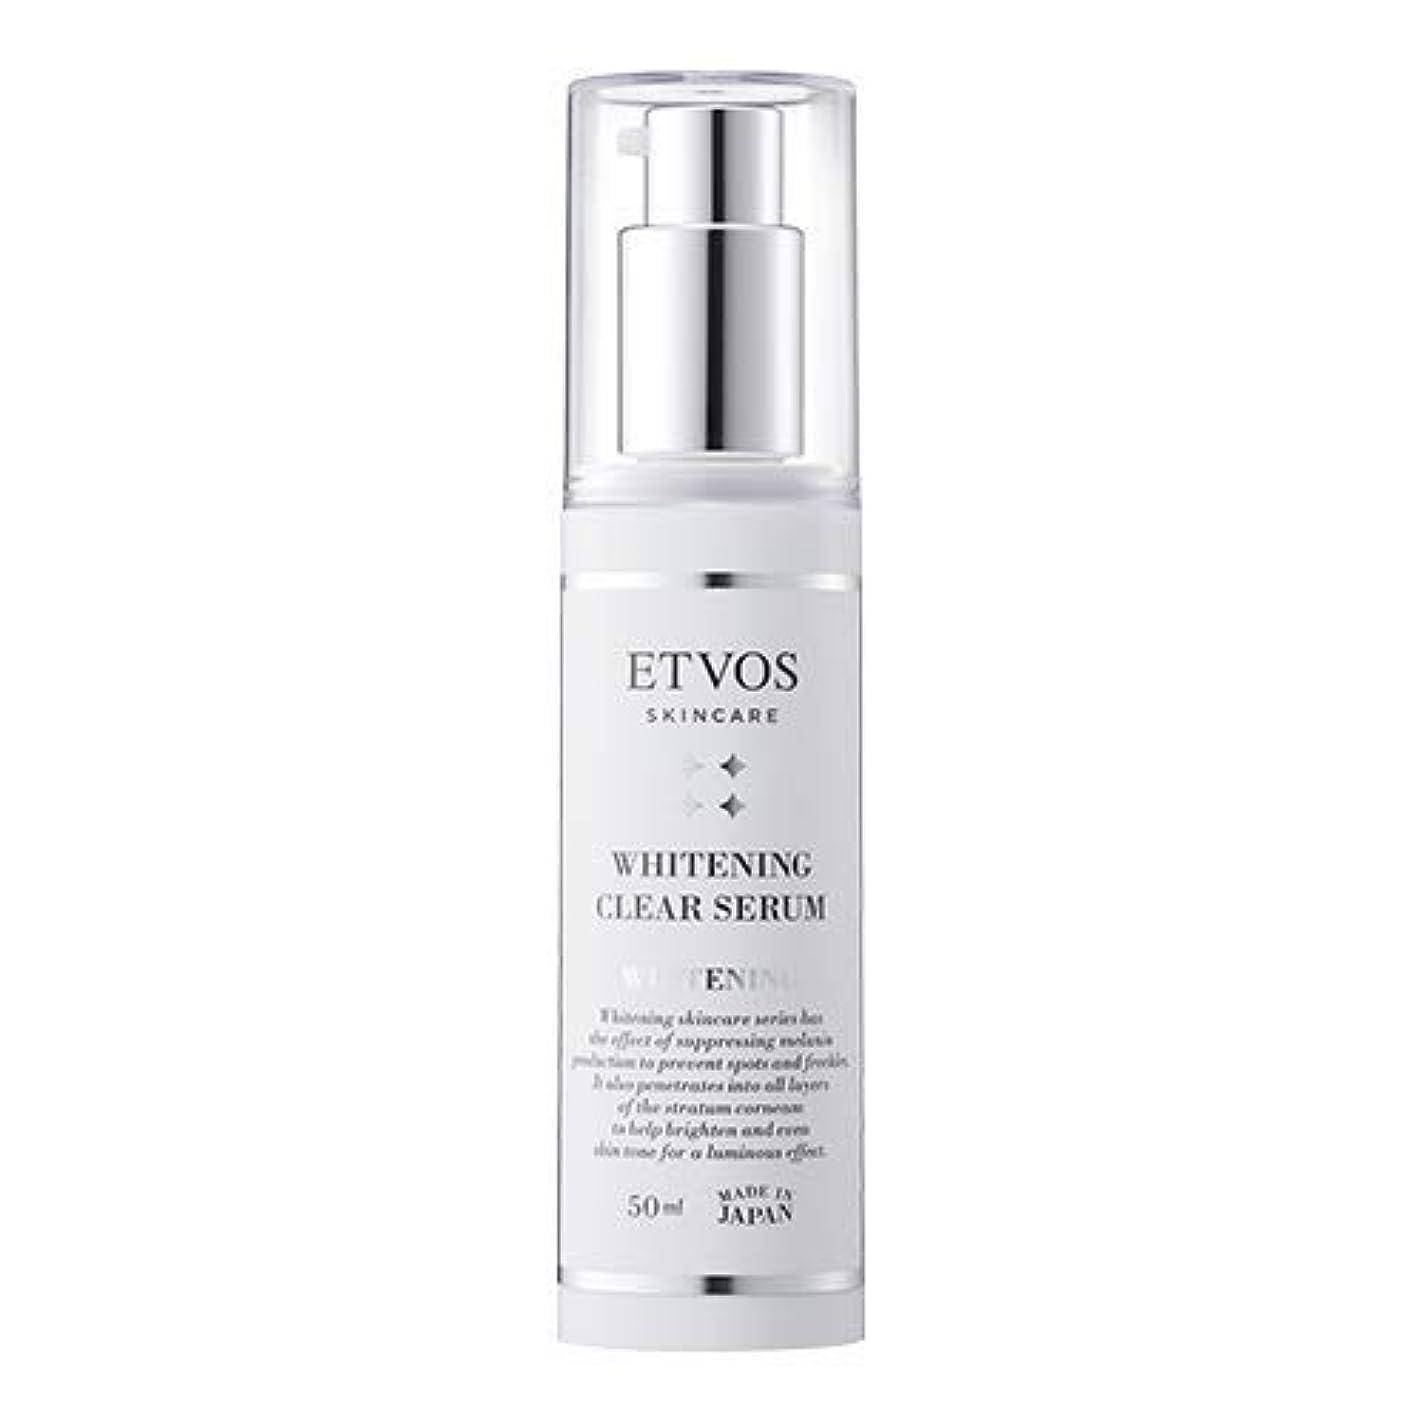 政治家の効率的弾丸ETVOS(エトヴォス) 美白美容液 薬用ホワイトニングクリアセラム 50ml [医薬部外品] 敏感肌 トラネキサム酸